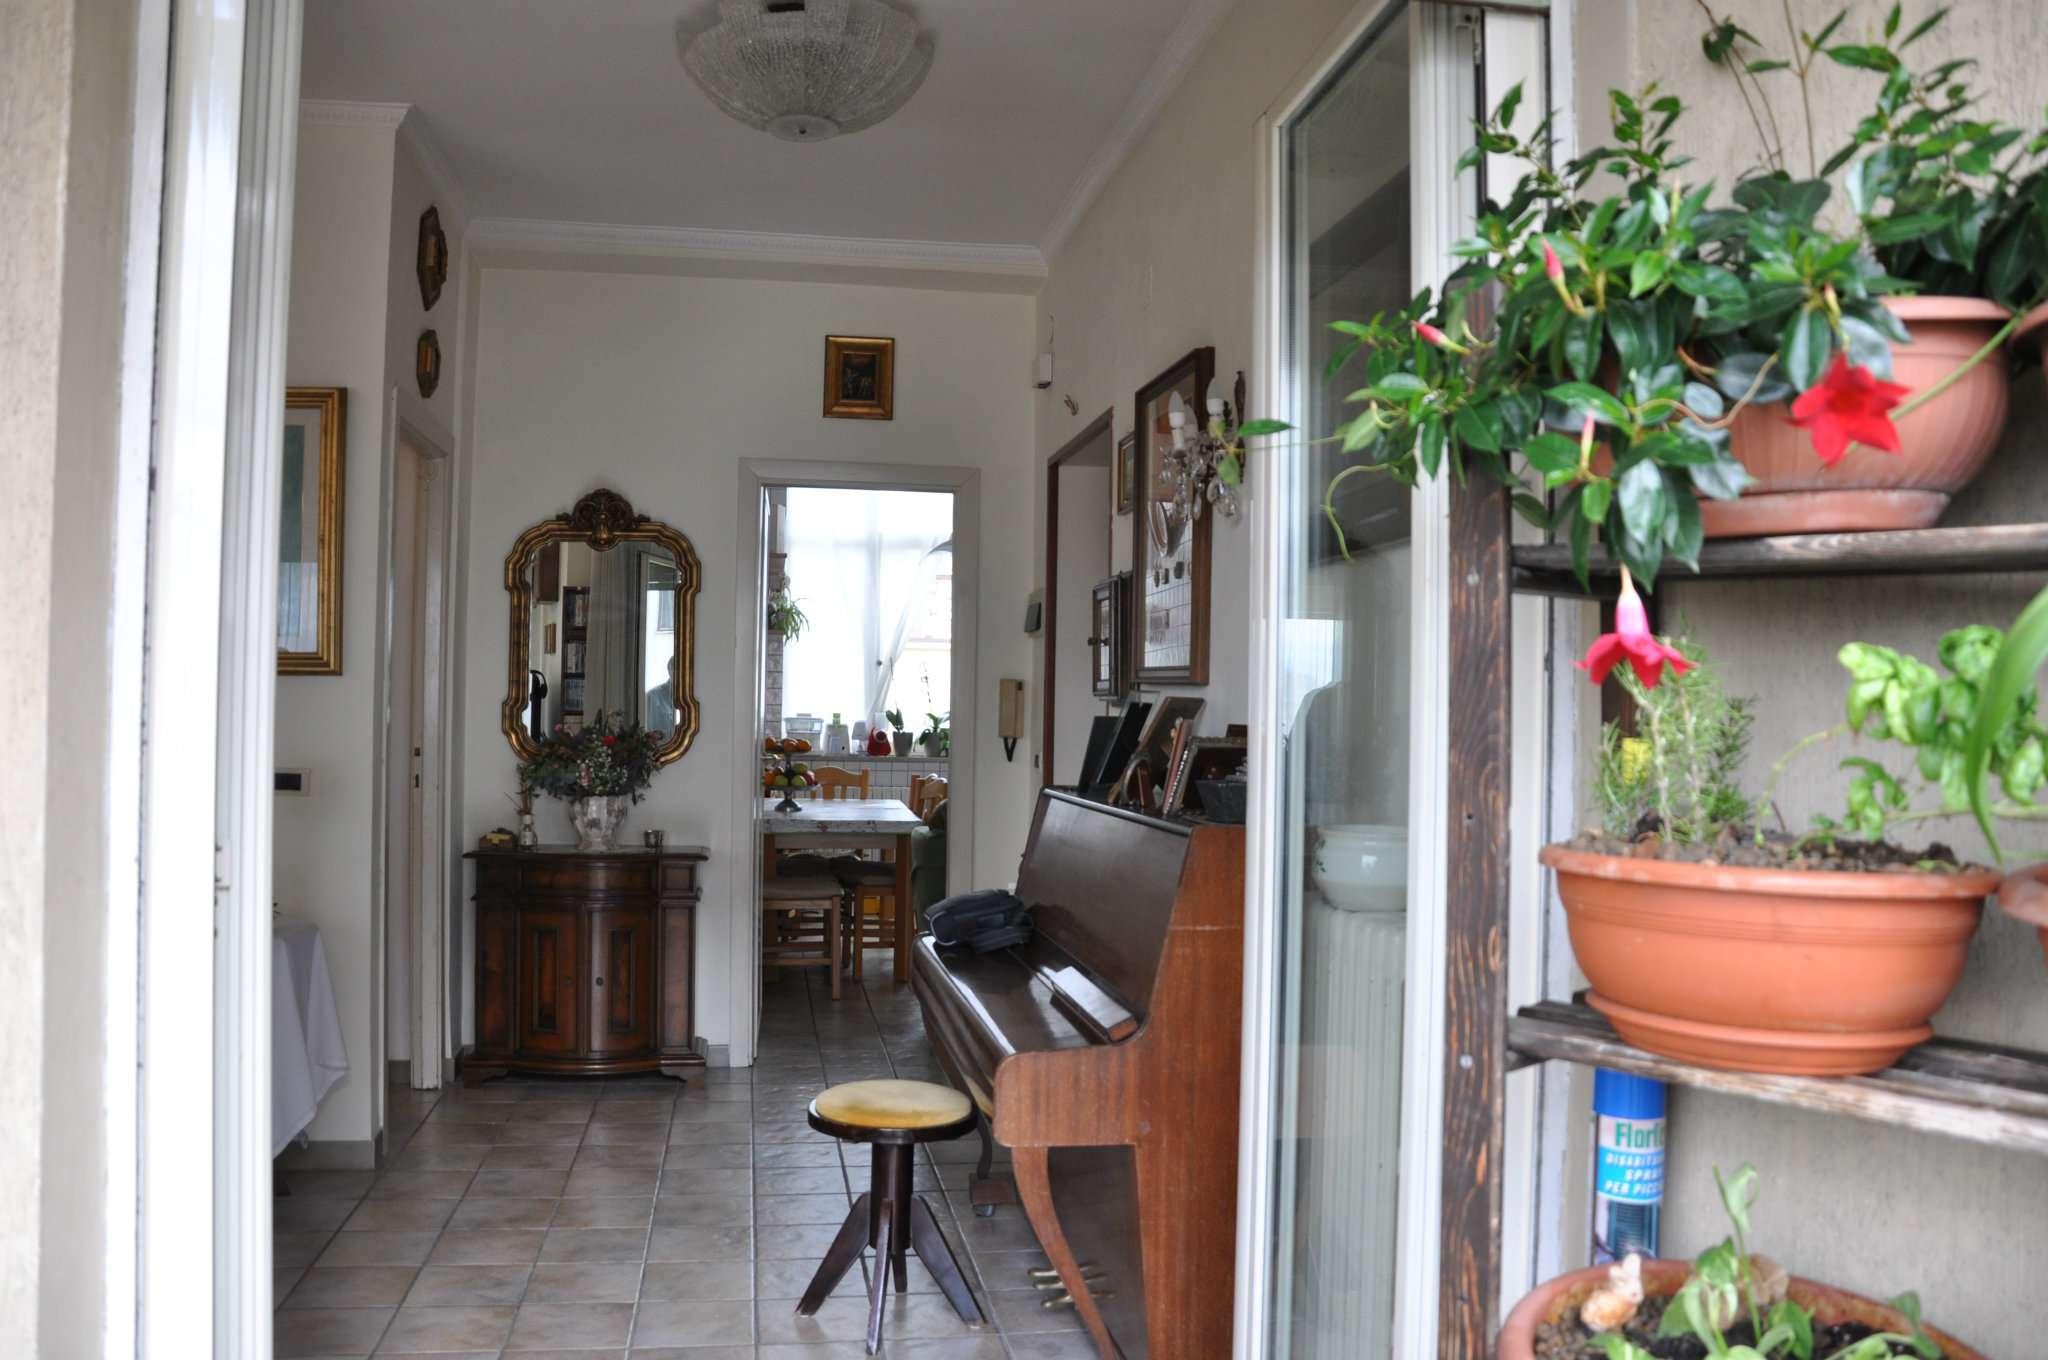 Appartamento in vendita a Chieti, 4 locali, prezzo € 120.000 | PortaleAgenzieImmobiliari.it